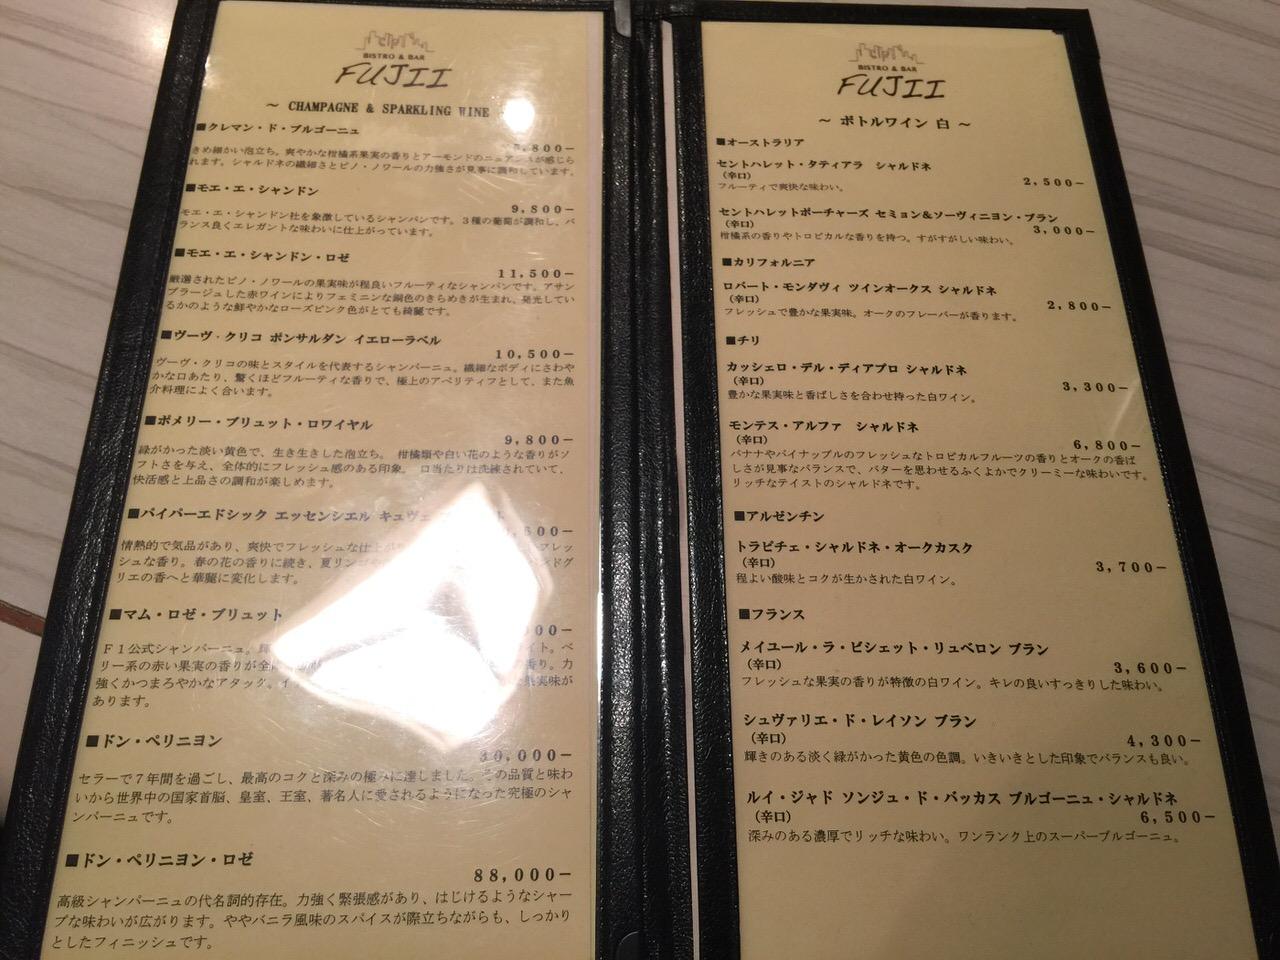 Fujii gotanda 8408